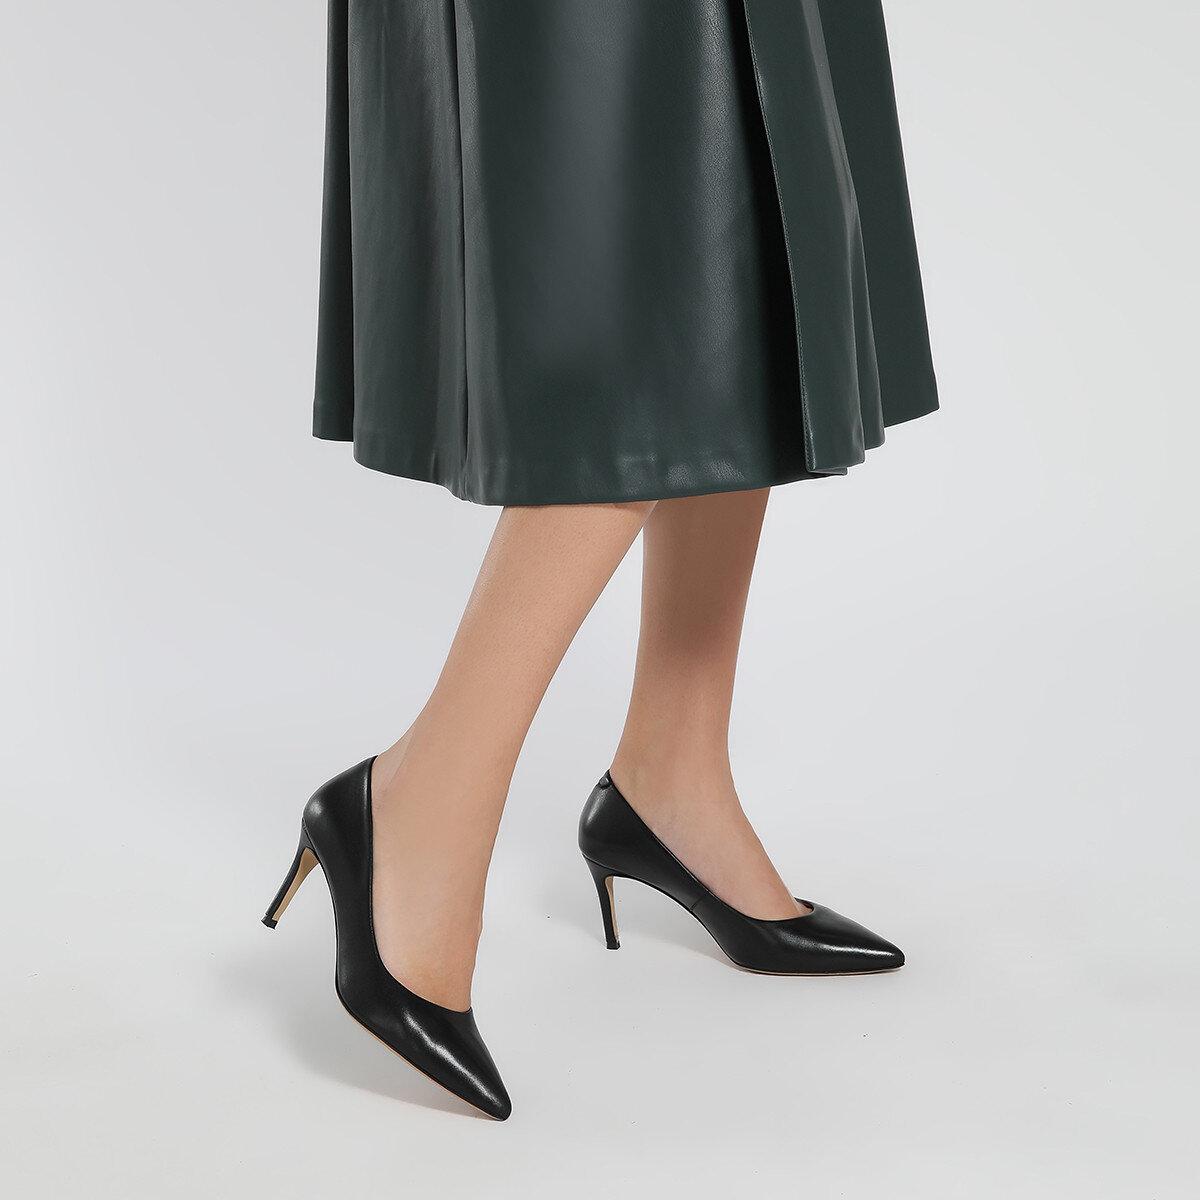 CAVIR Siyah Kadın Gova Ayakkabı